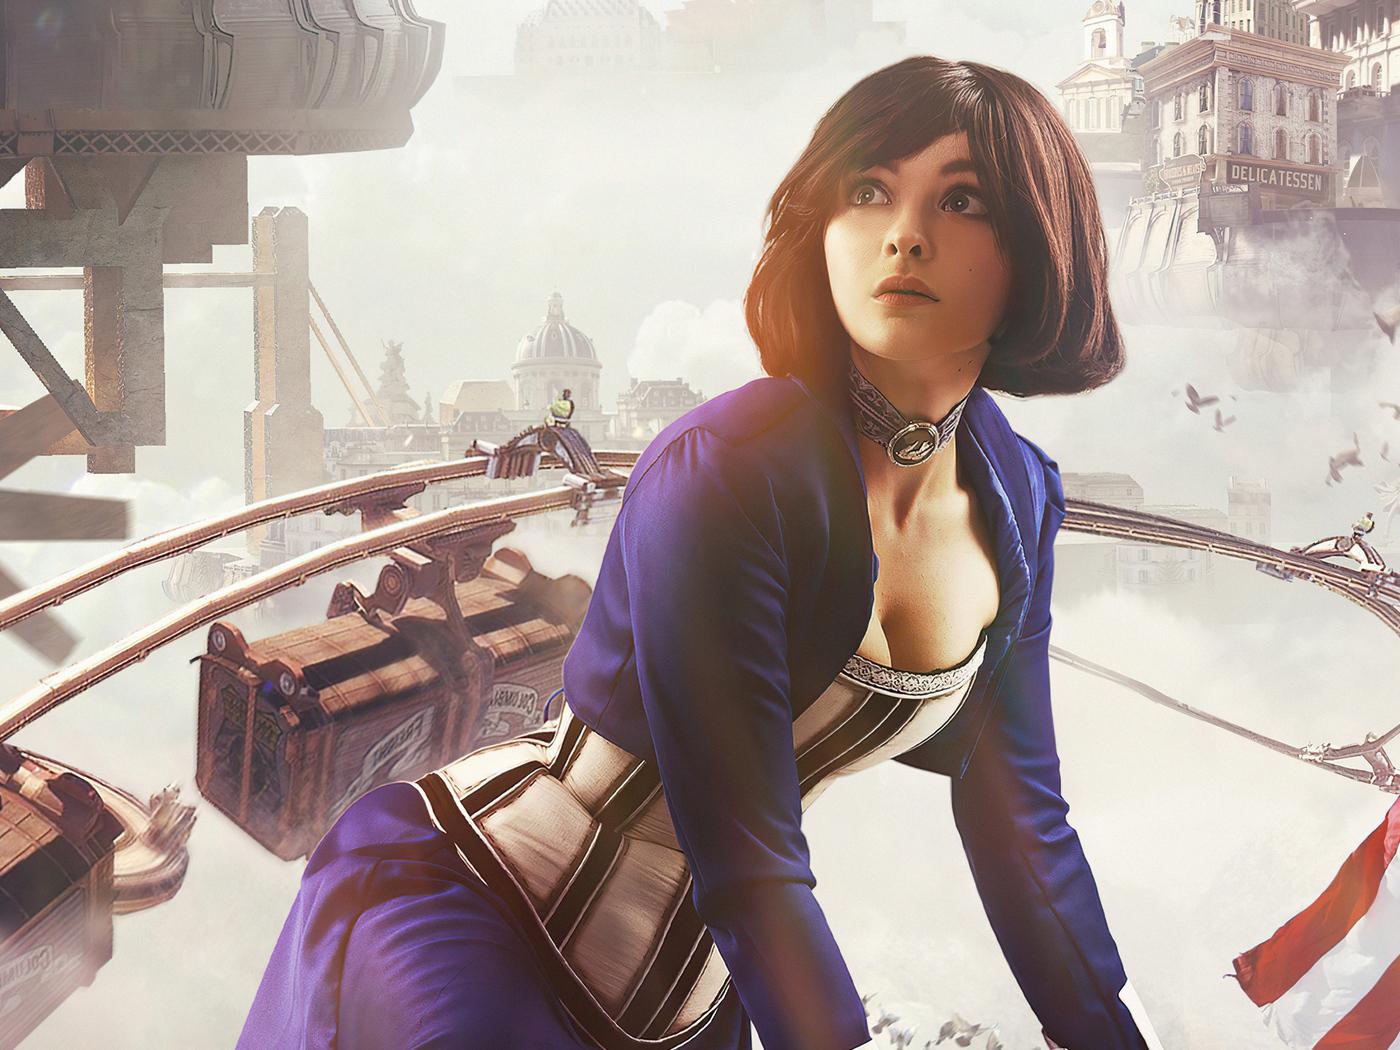 elizabeth-bioshock-cosplay-4k-in.jpg